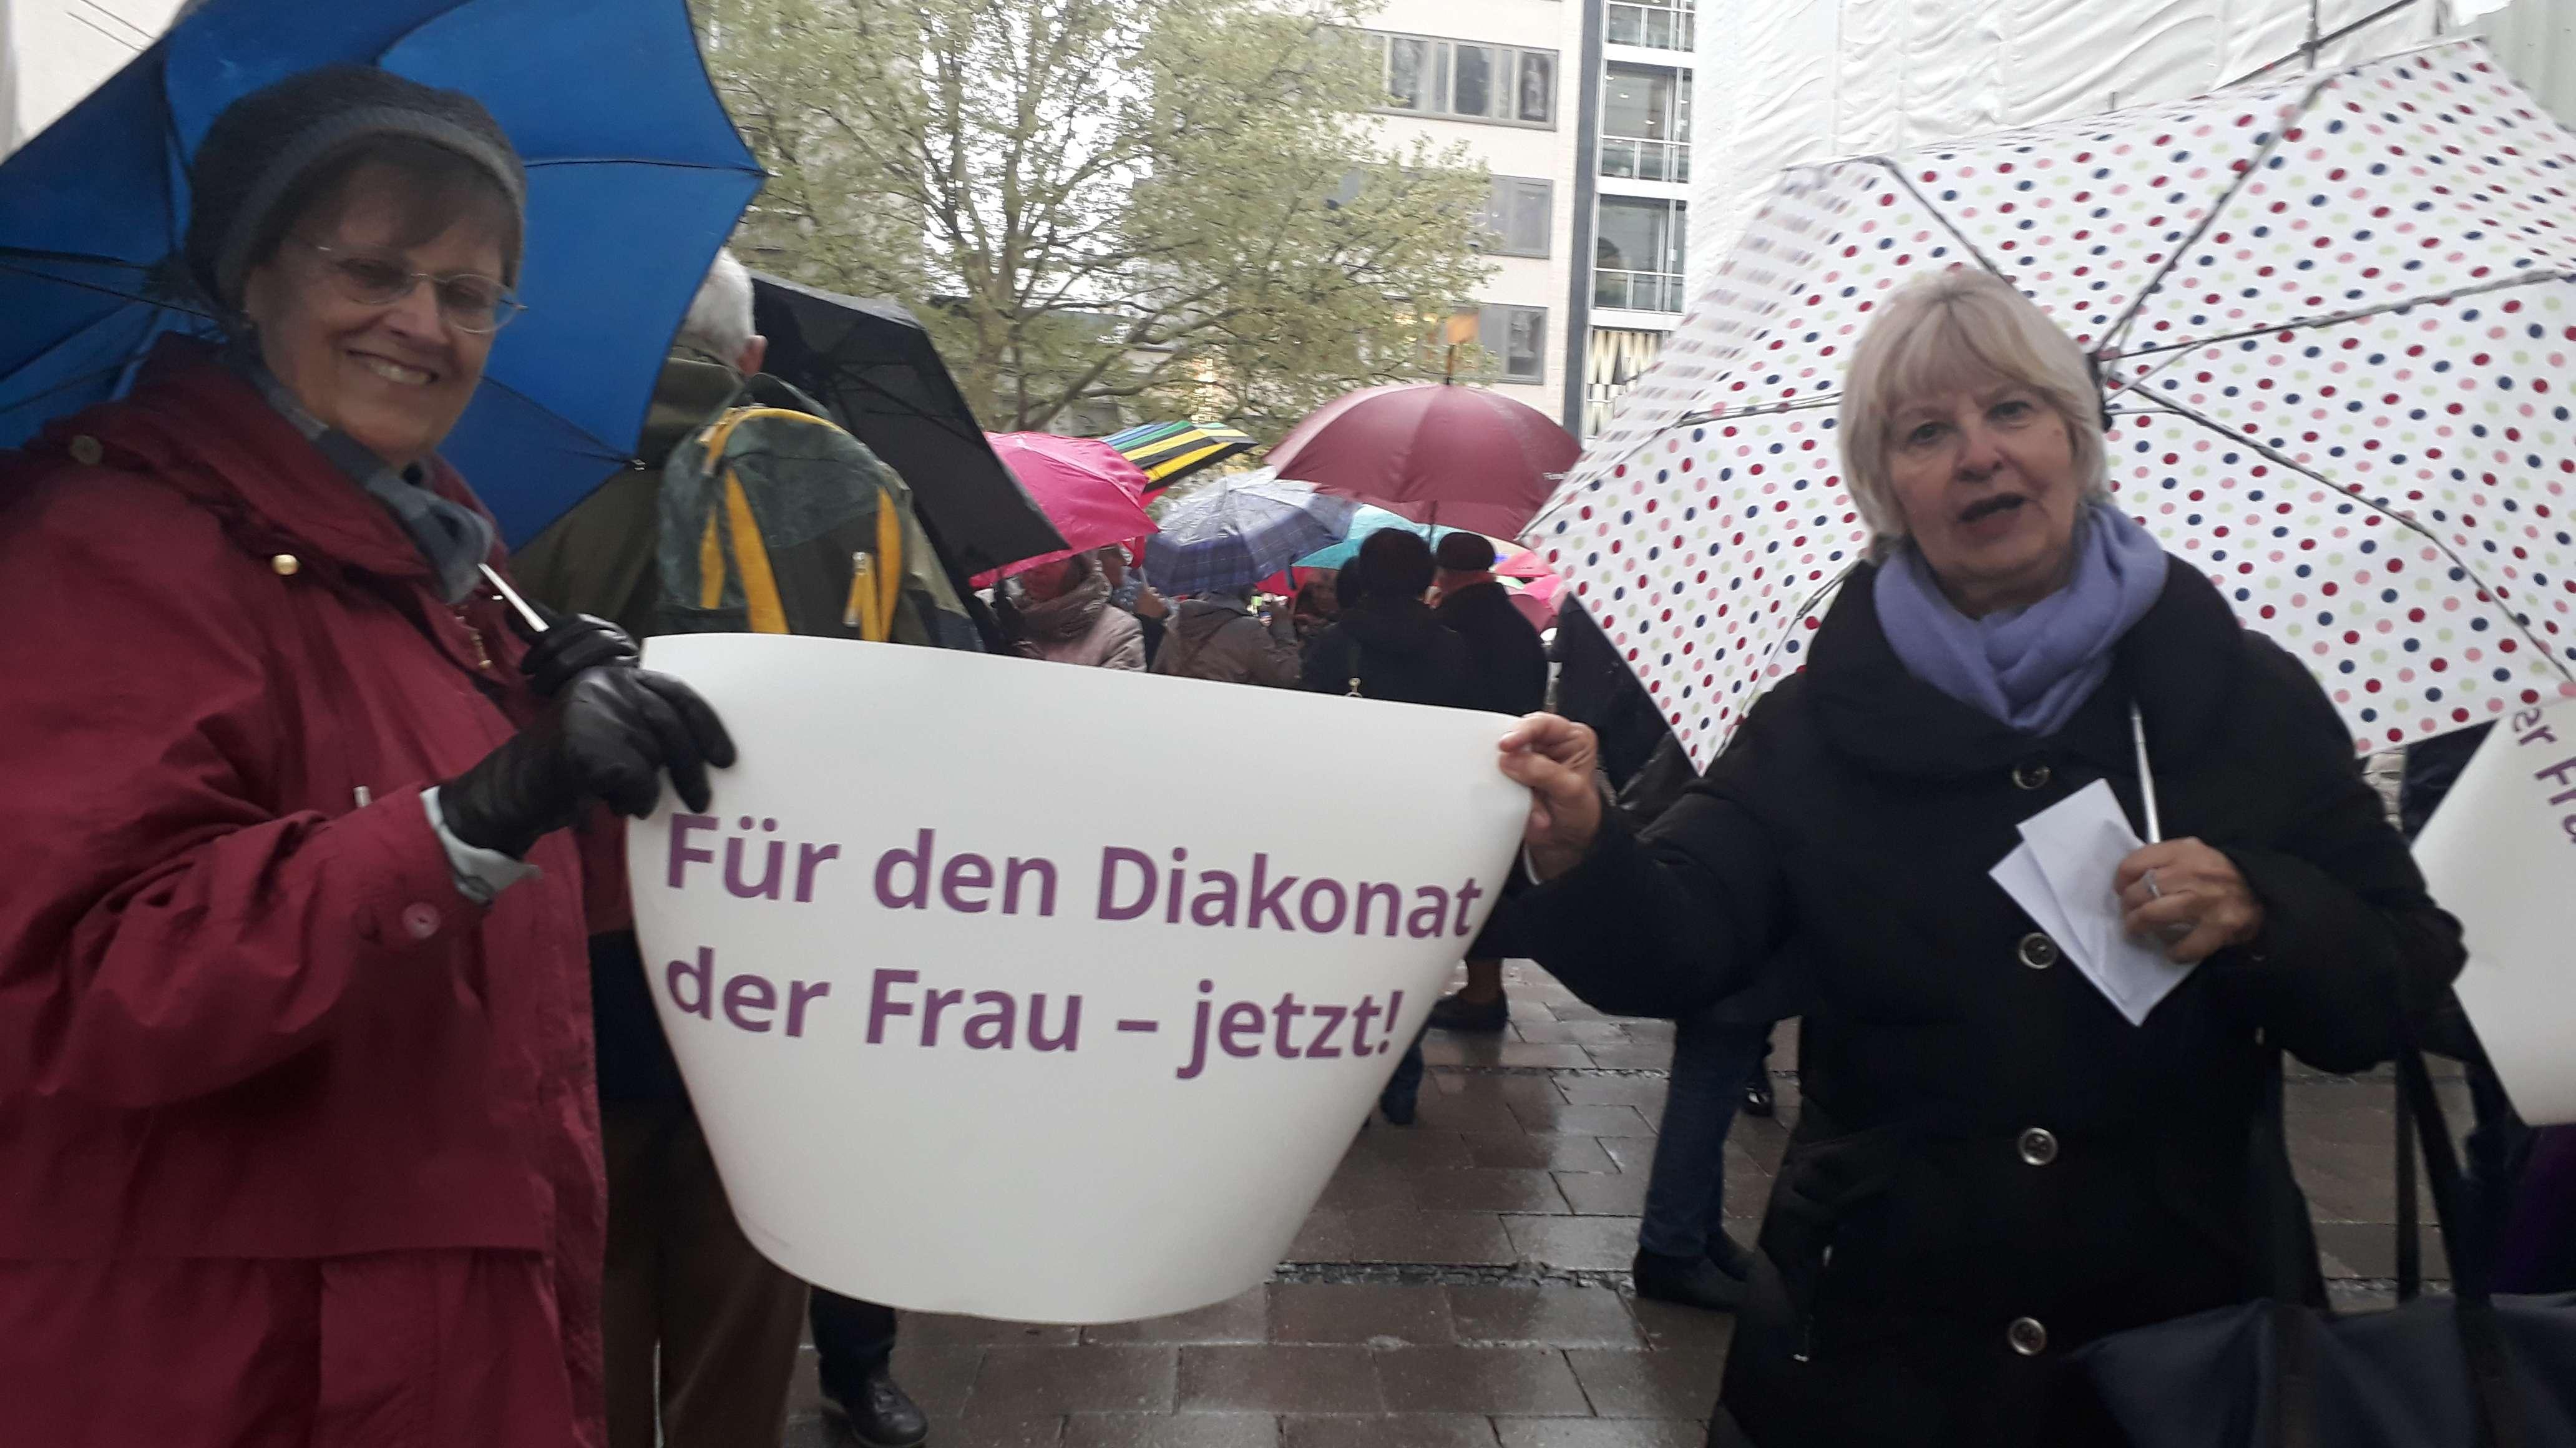 """Zwei Frauen halten ein Plakat mit der Aufschrift """"Für den Diakonat der Frau - jetzt!"""